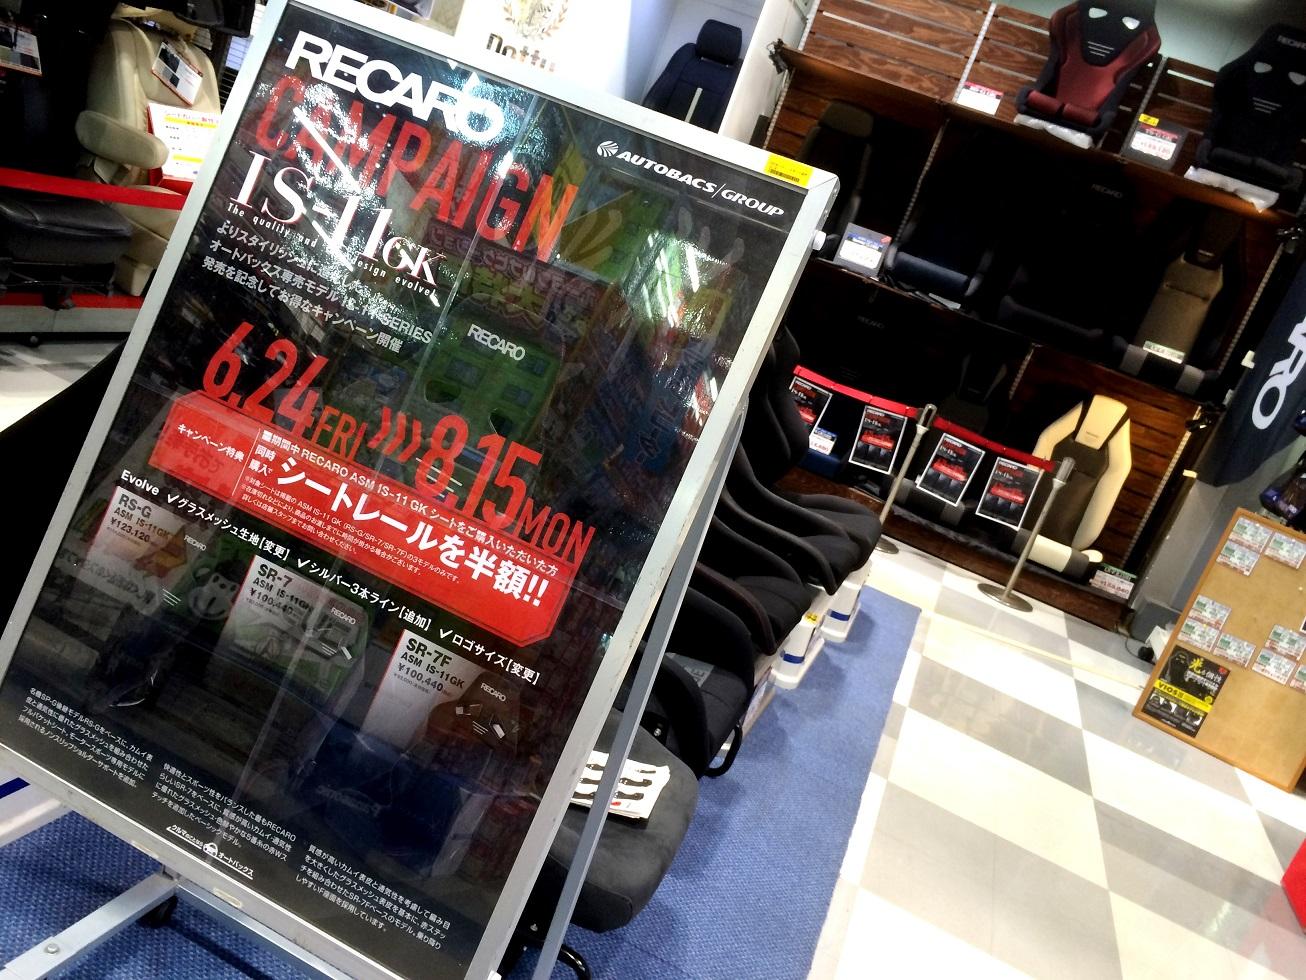 【イベント情報】RECAROオートバックスモデル限定キャンペーン!!